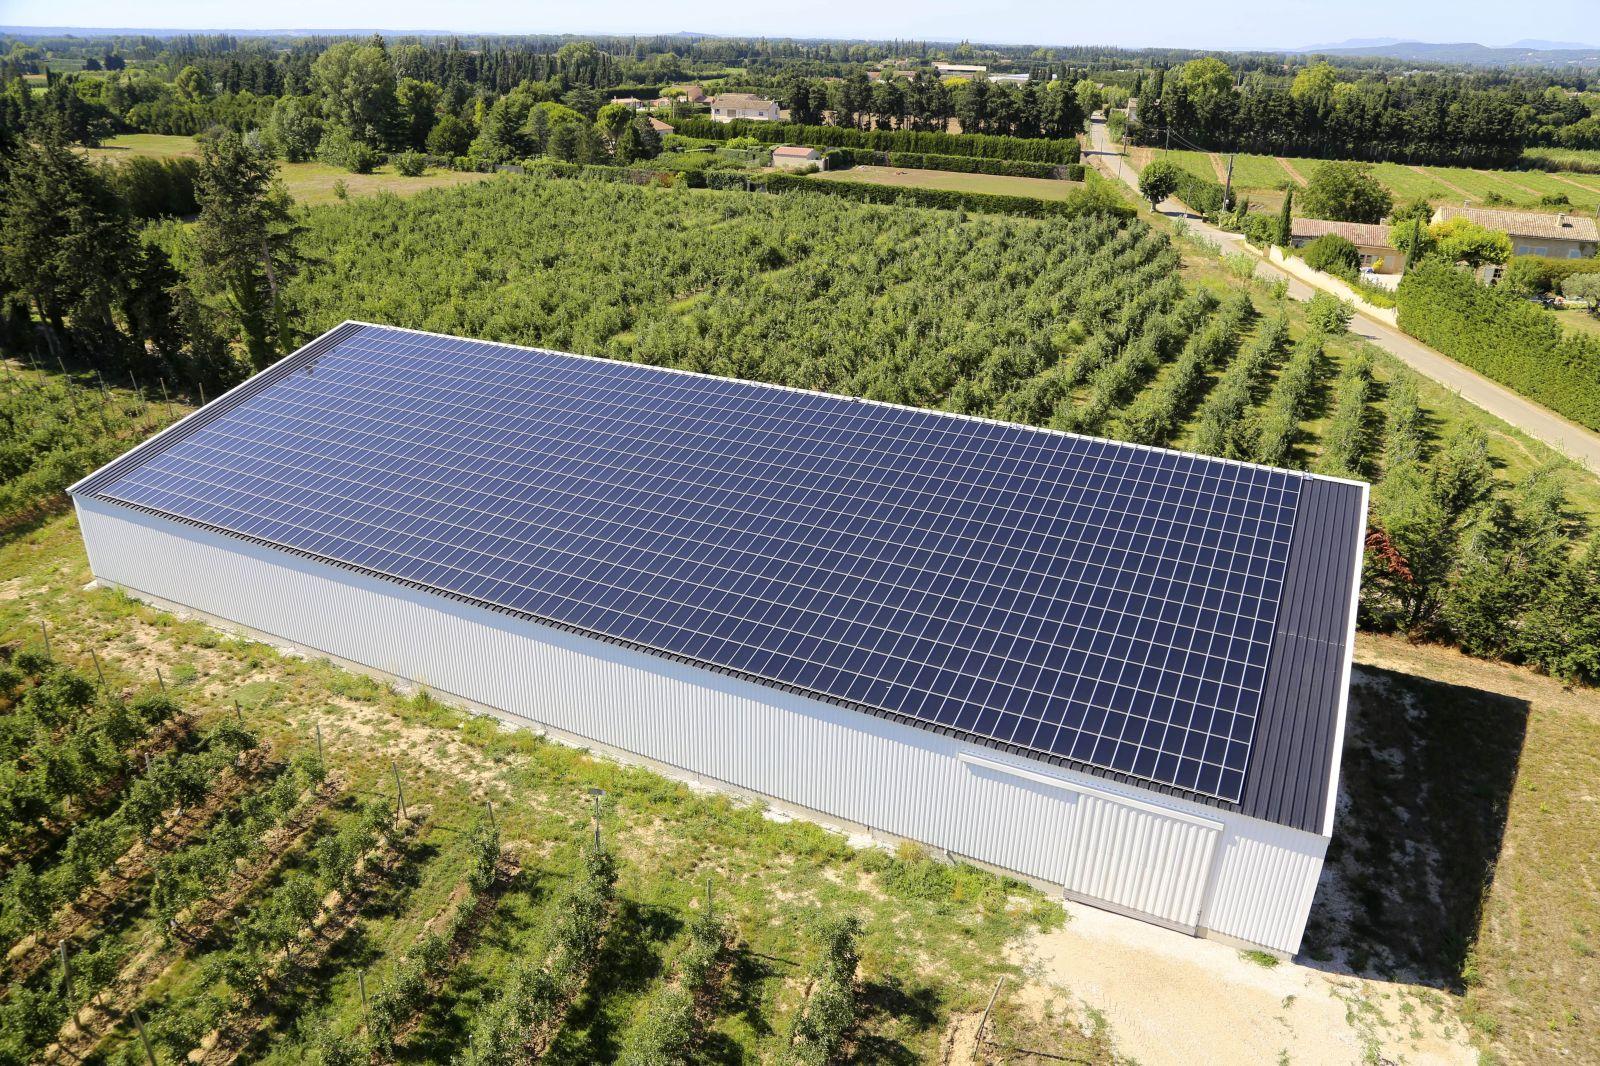 filiere-solaire-fermes-autonomes